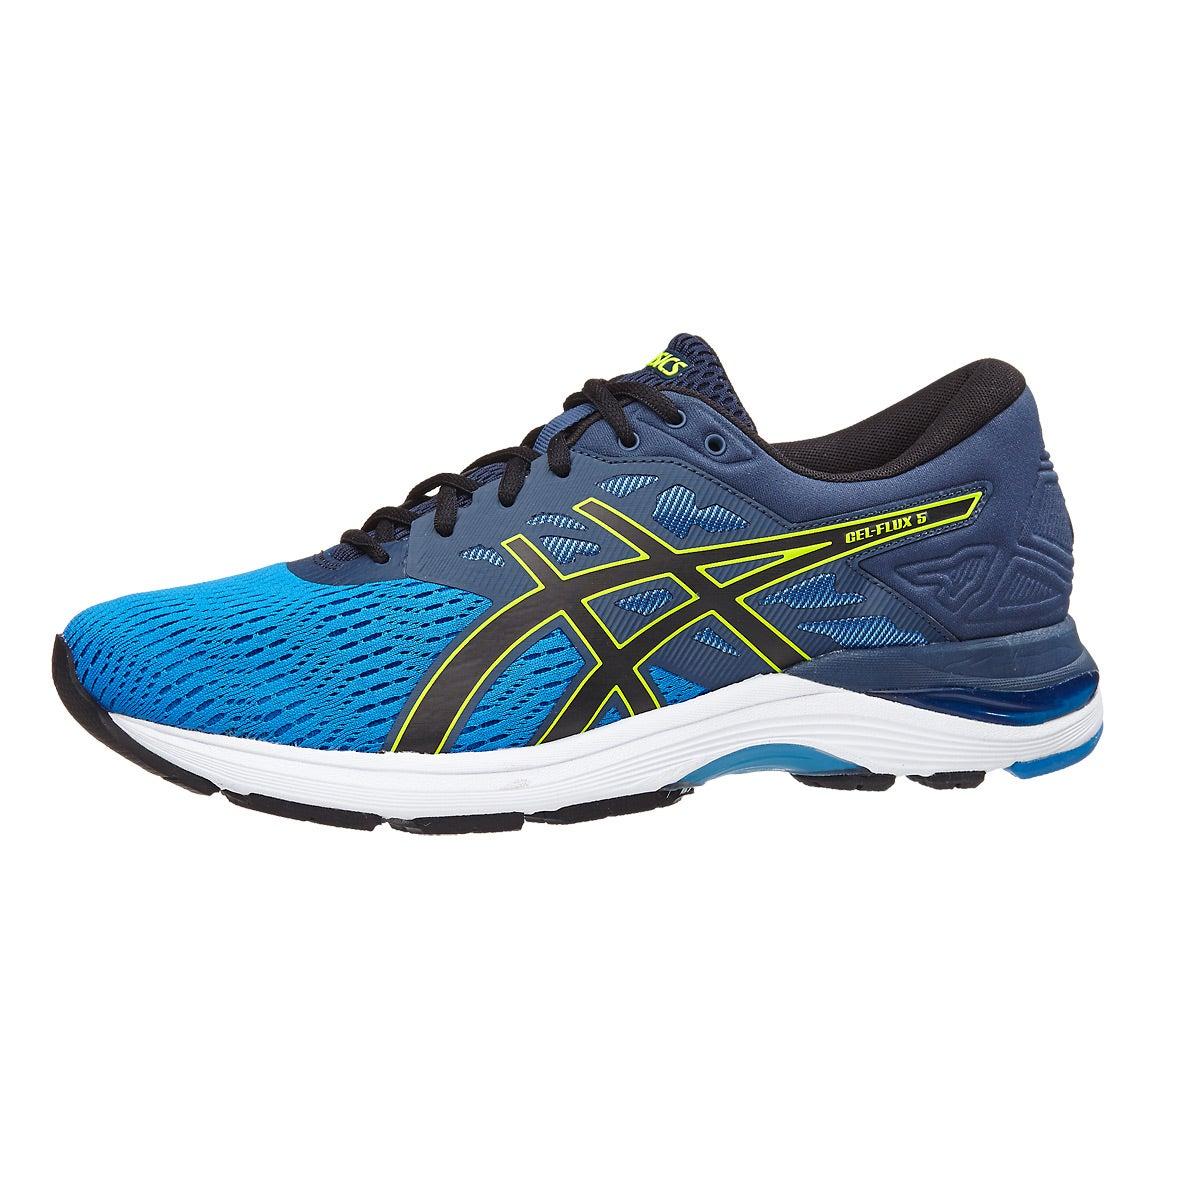 Chaussures Homme | 2593 ASICS Gel Chaussures Flux 5 Bleu/ Noir/ Jaune Vue 360 ° | 606de79 - radicalfrugality.info